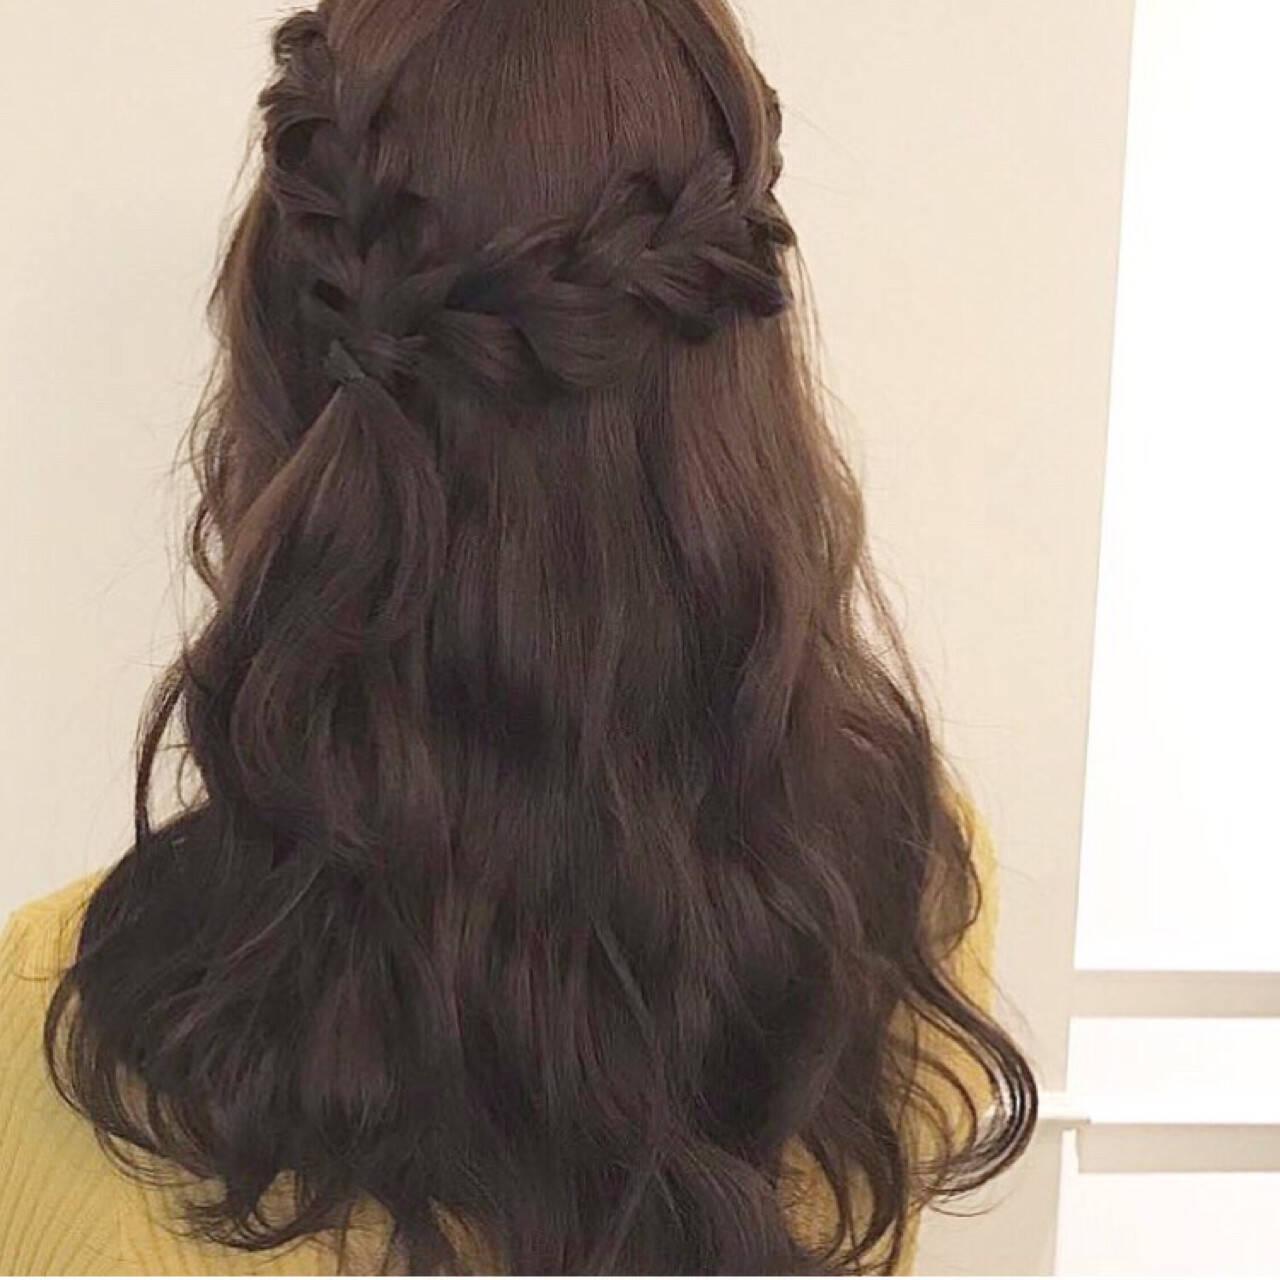 ヘアアレンジ フェミニン 三つ編み ハーフアップヘアスタイルや髪型の写真・画像